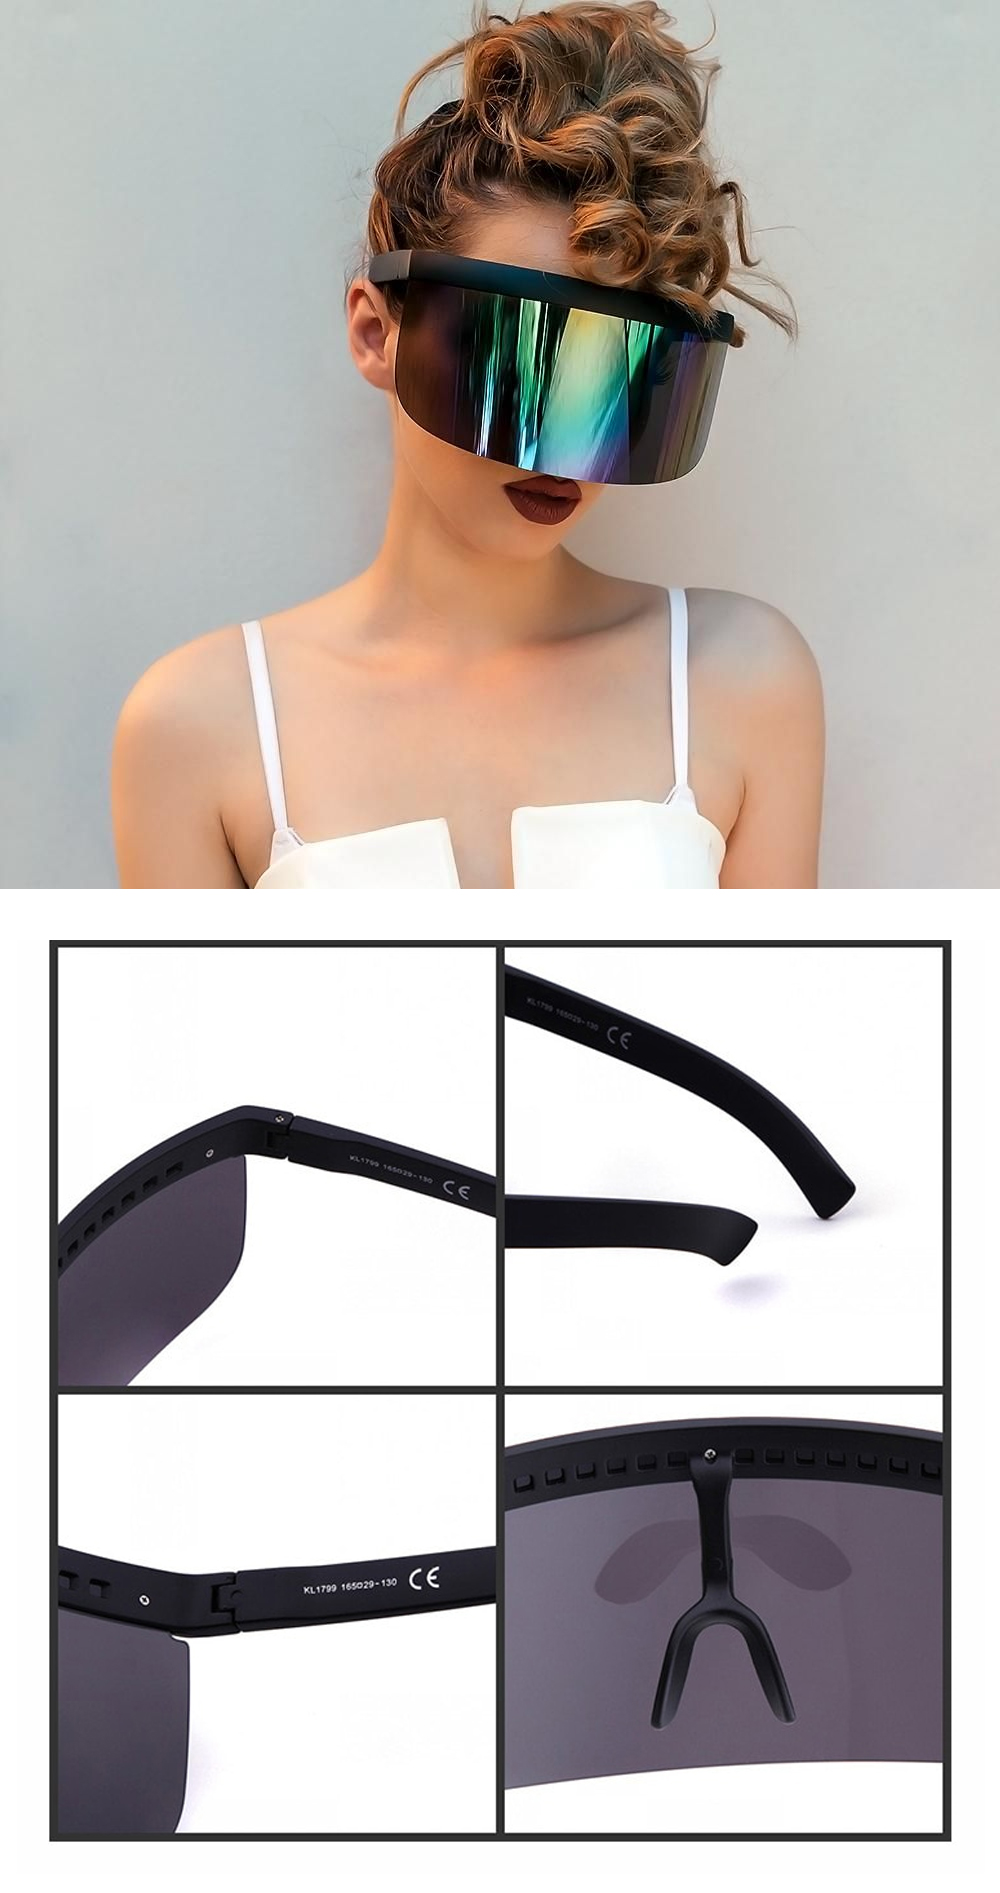 oversized sunglasses shield visor